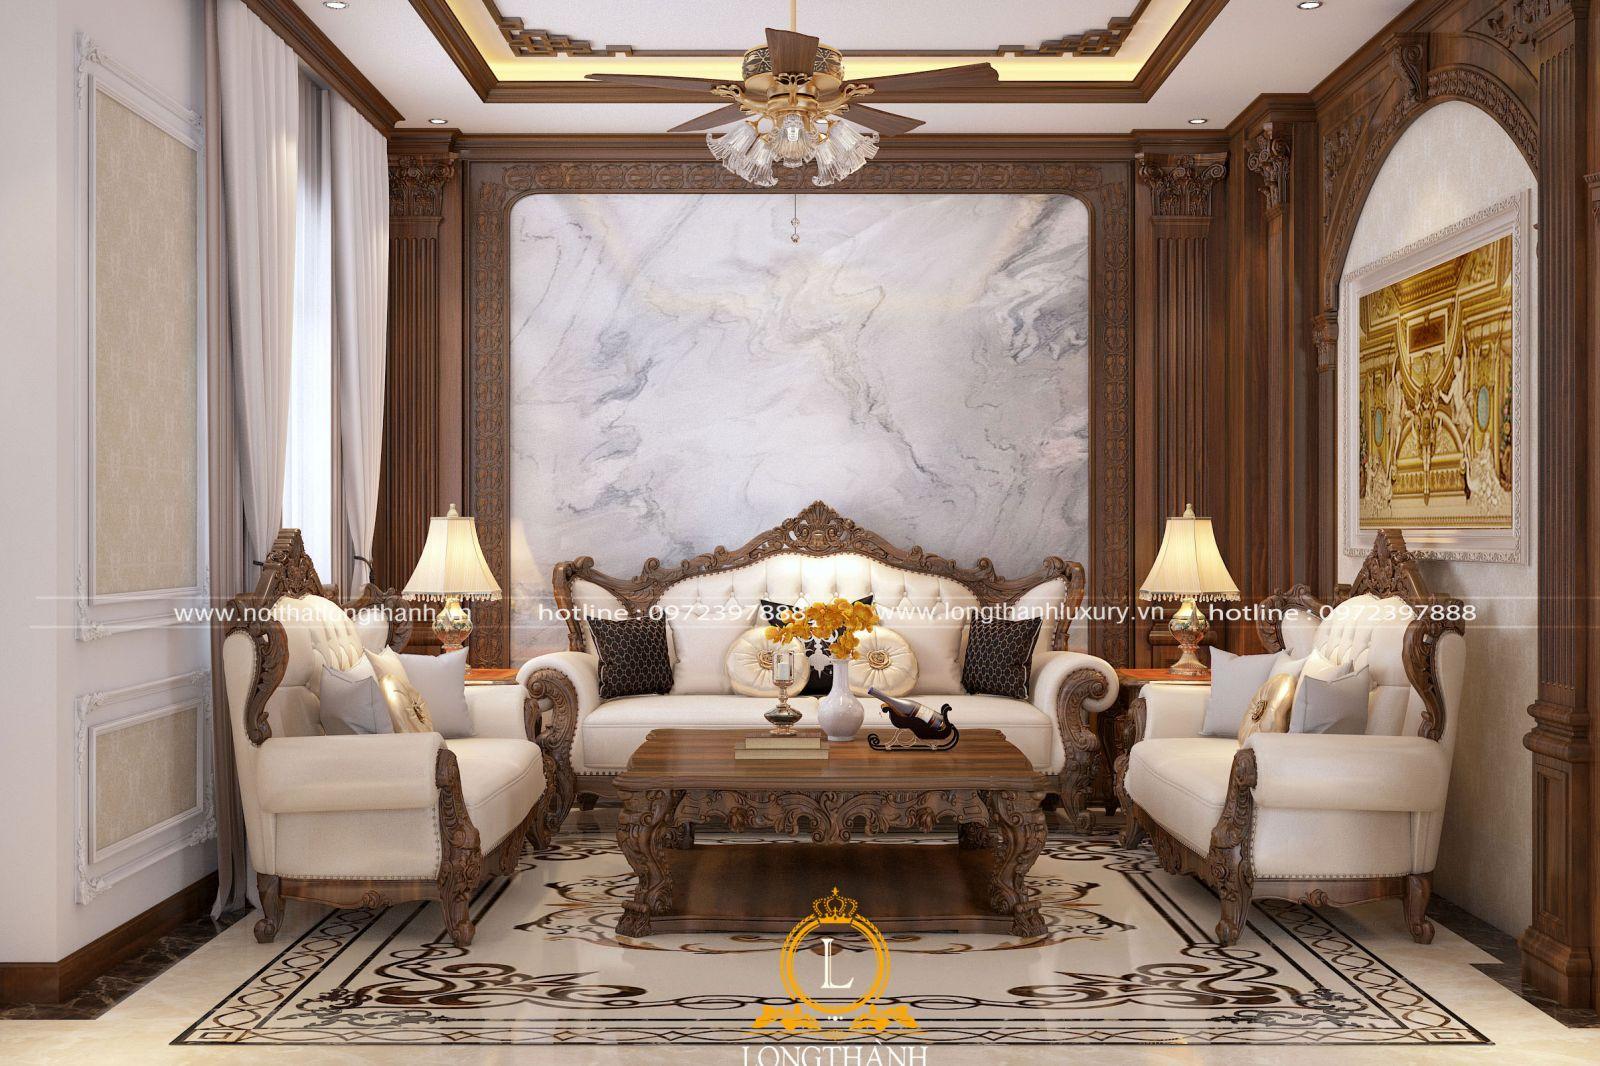 Có nên sử sụng sofa gỗ tự nhiên cho không gian phòng khách nhỏ hẹp?